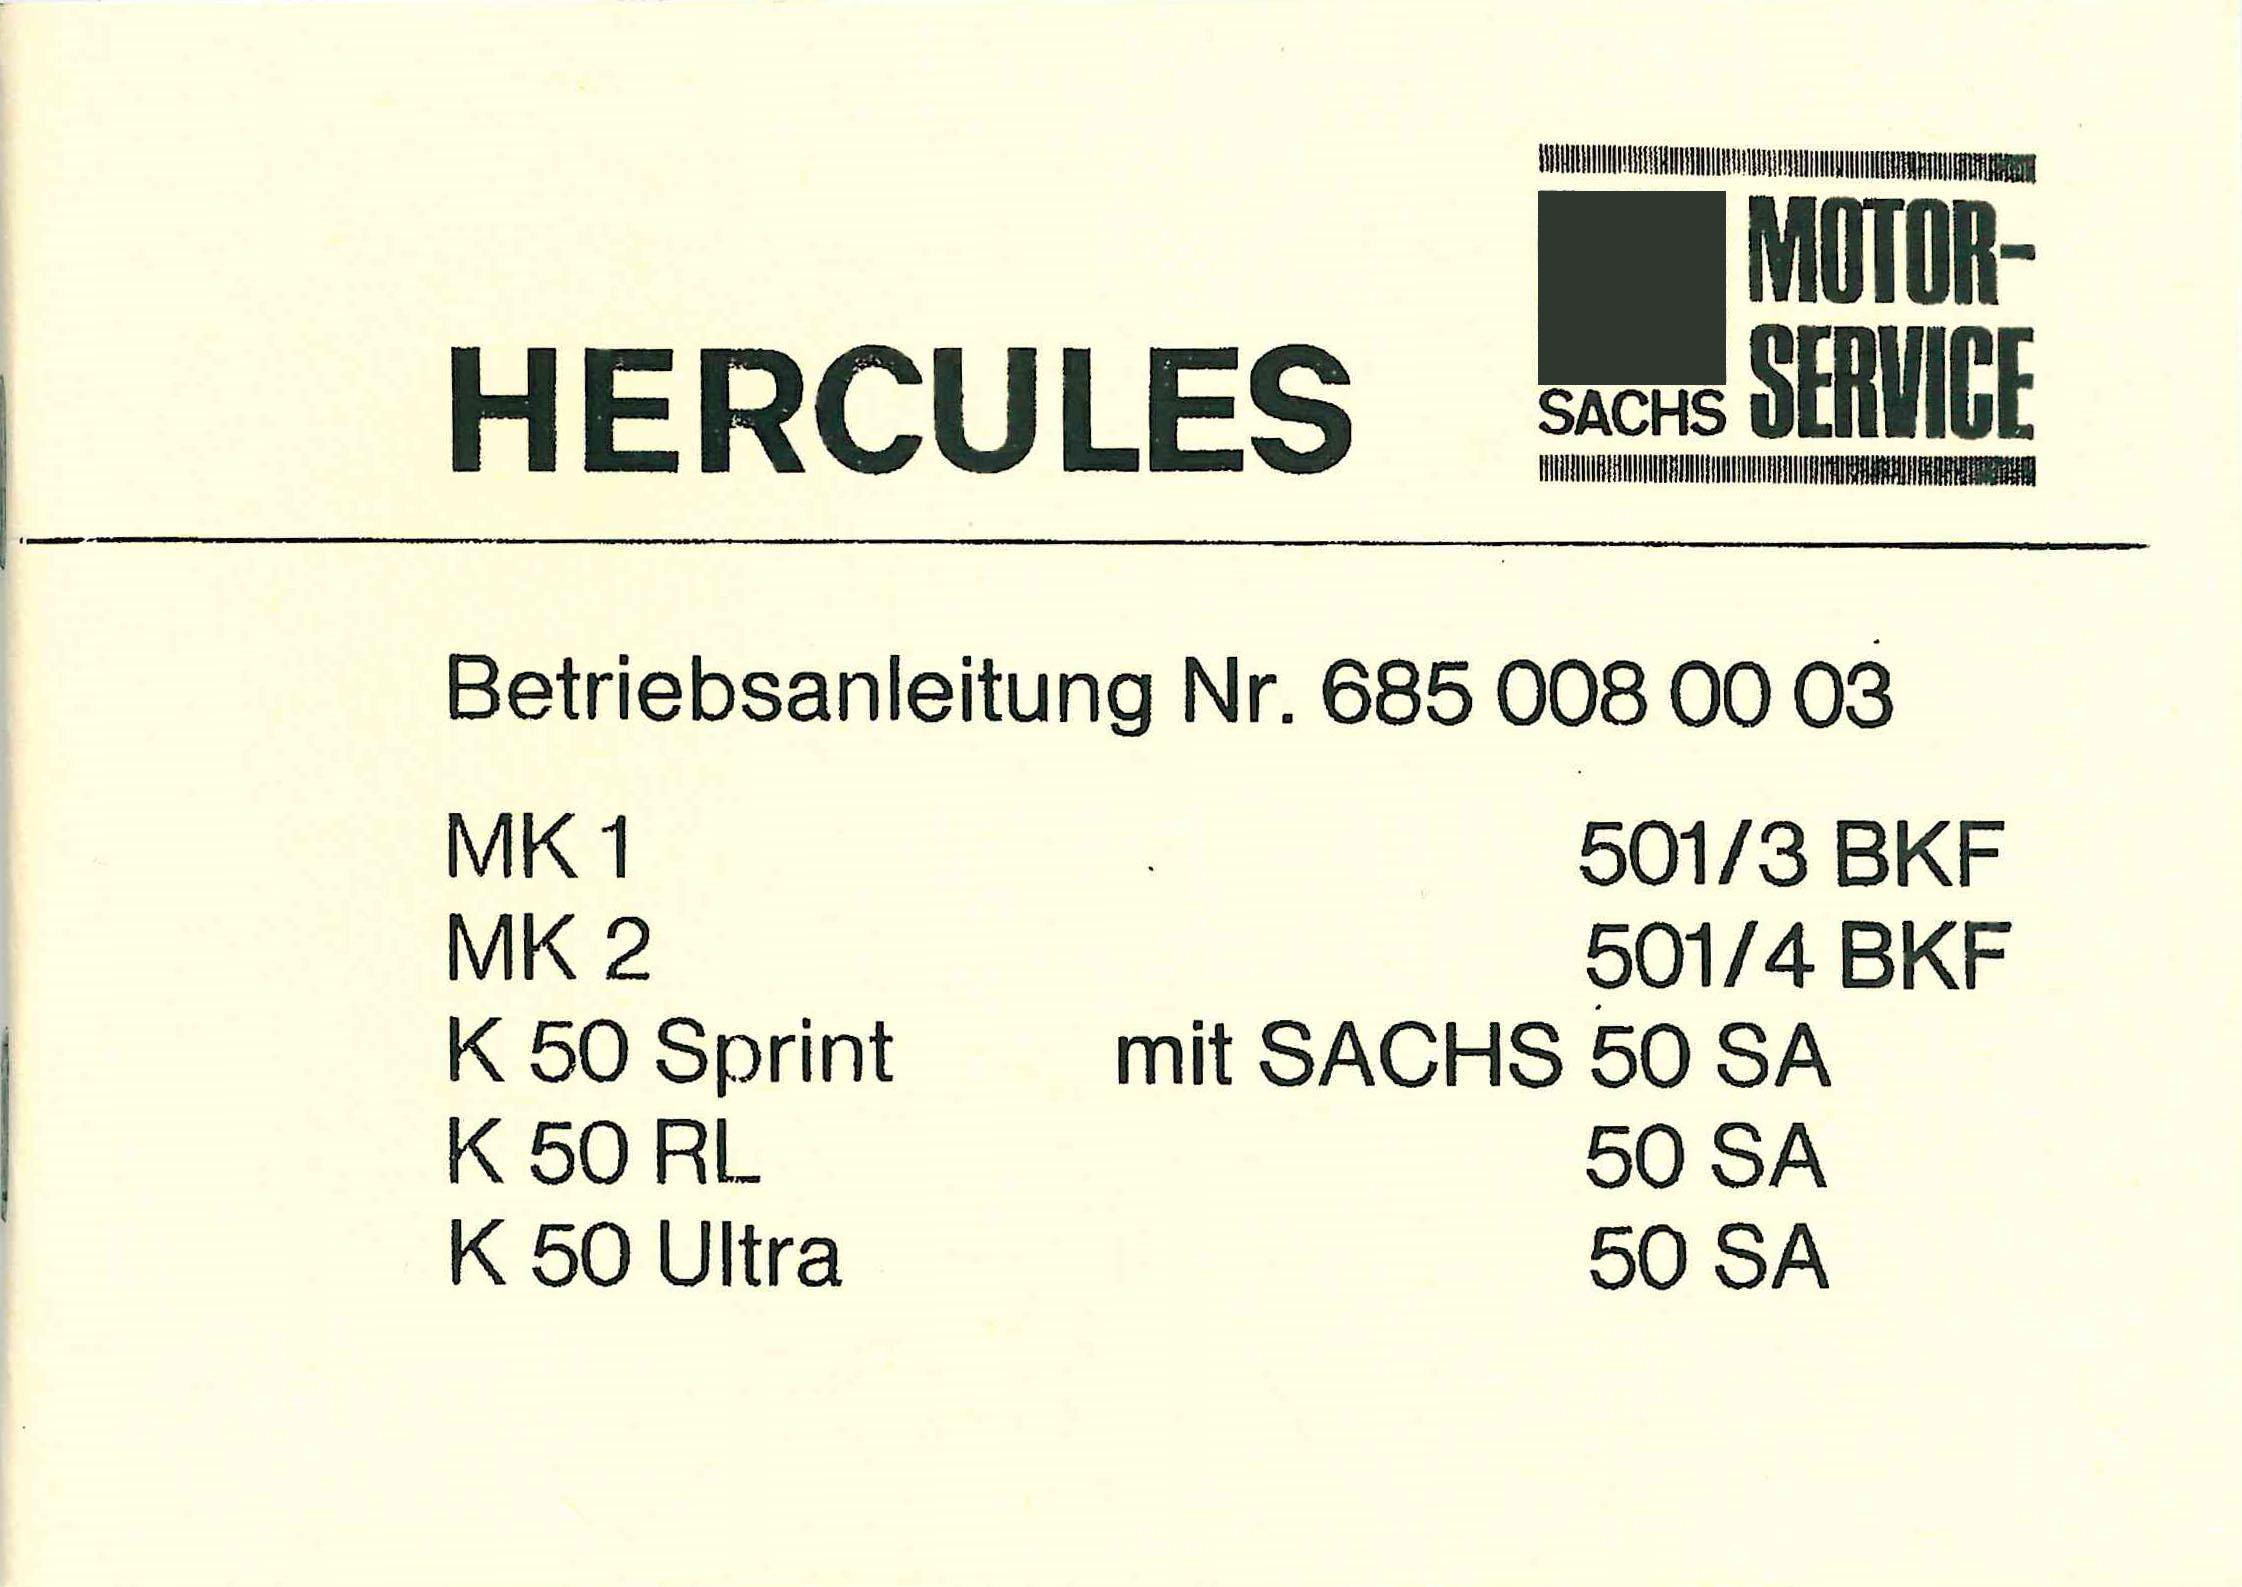 Hercules KX 5 KKR Bedienung Anleitung Daten Technik Handbuch Neu